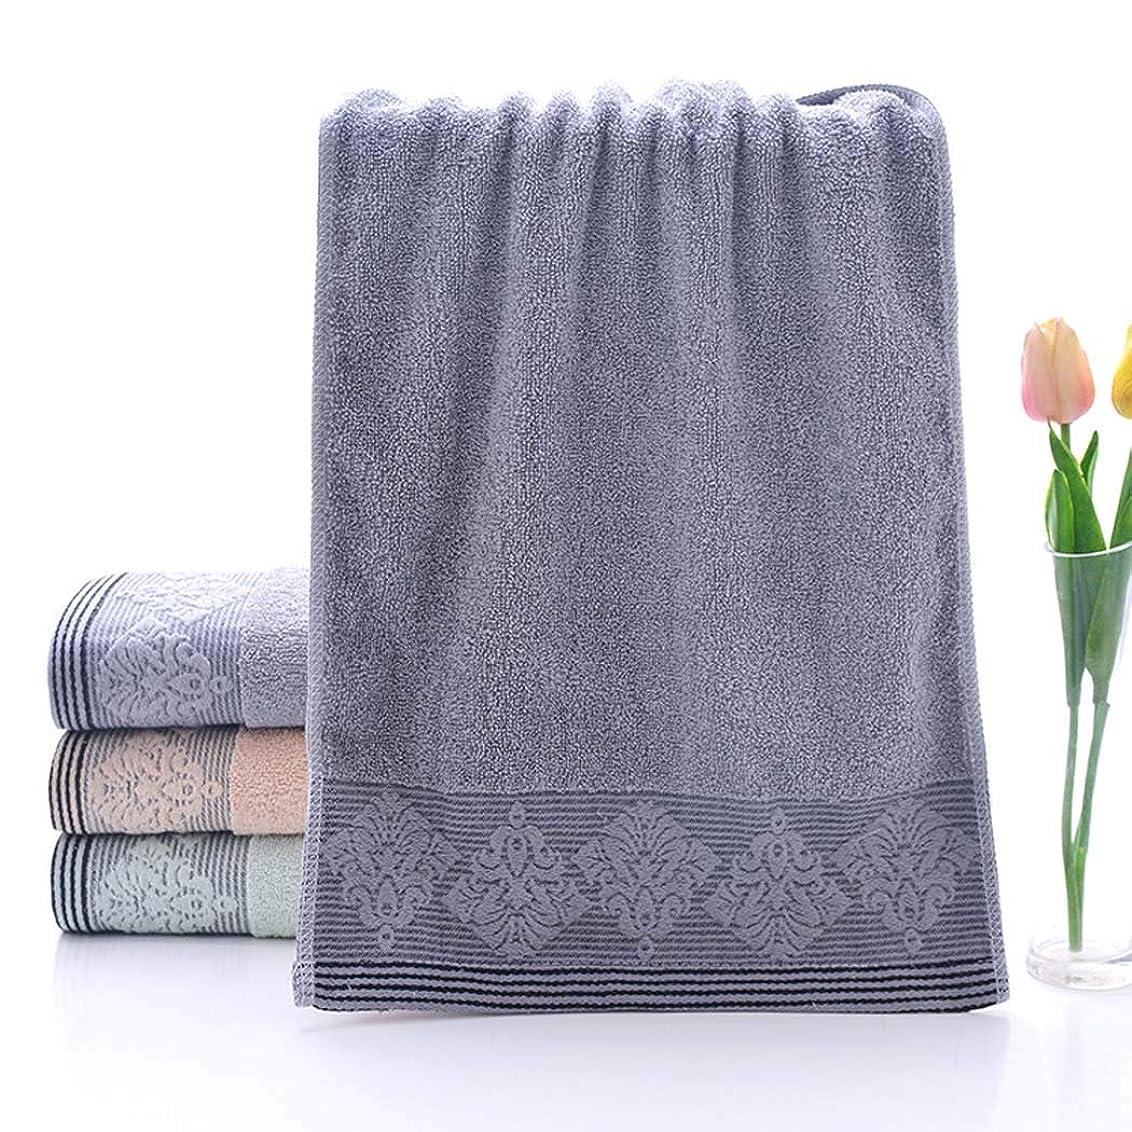 ゴール大脳不従順綿のタオルの速い乾燥したタオルのスポーツタオルの容易な心配,Gray,33*73cm